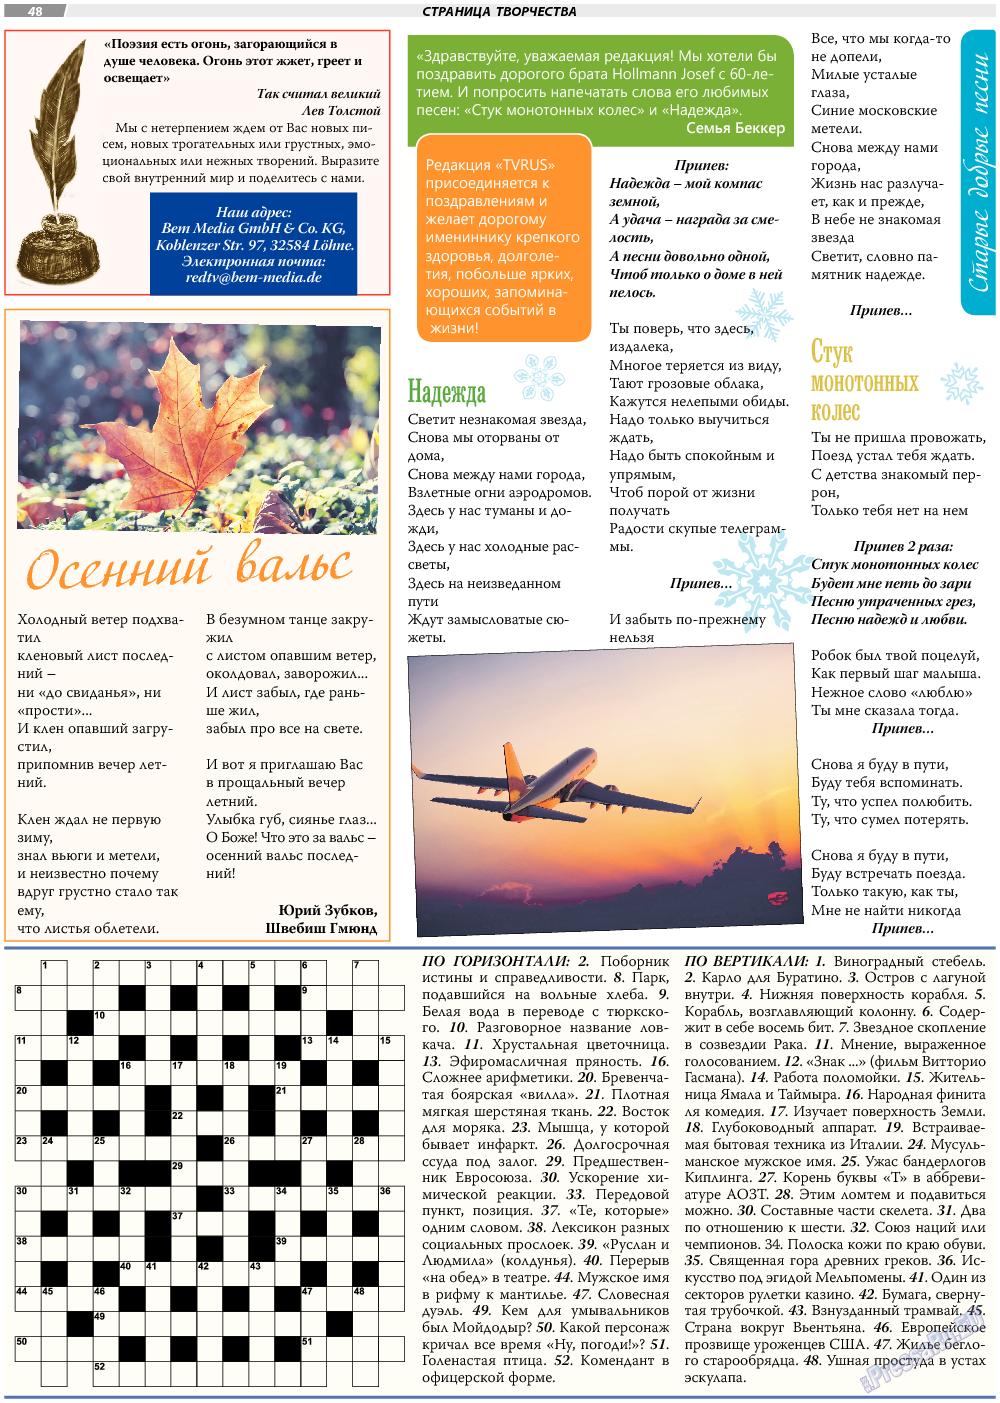 TVrus (газета). 2017 год, номер 50, стр. 48